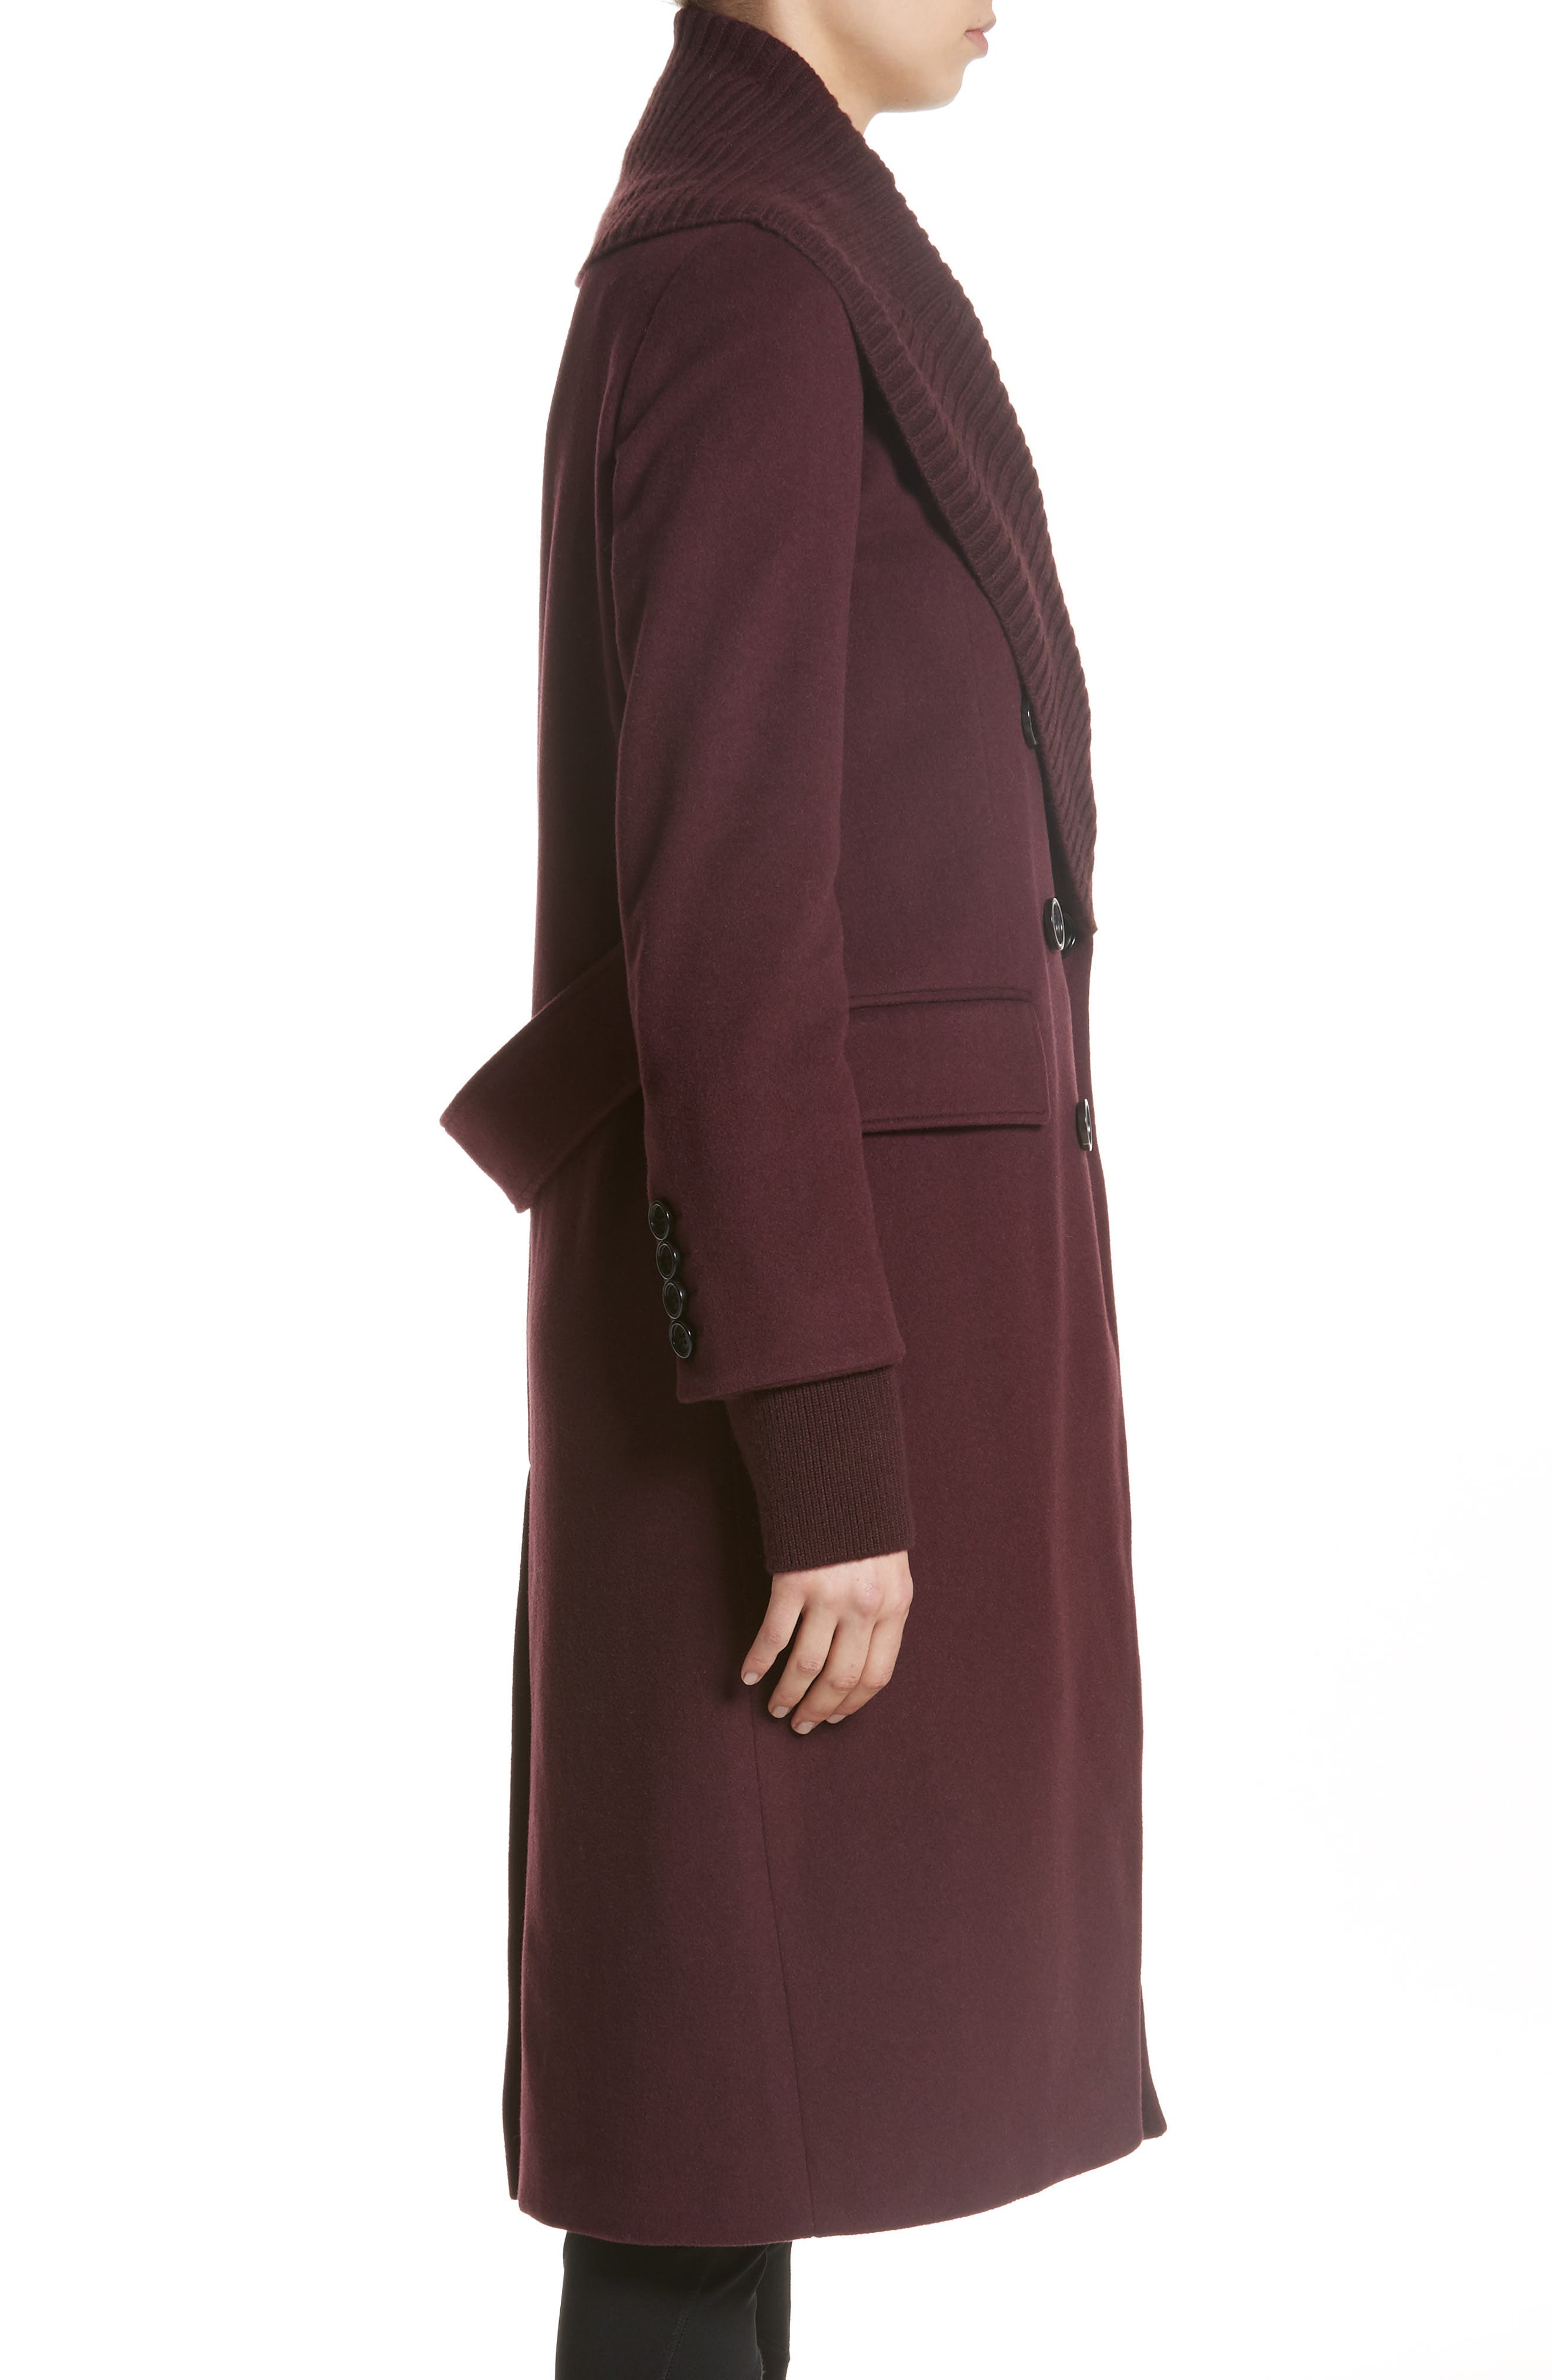 Cairndale Knit Trim Cashmere Coat,                             Alternate thumbnail 3, color,                             522